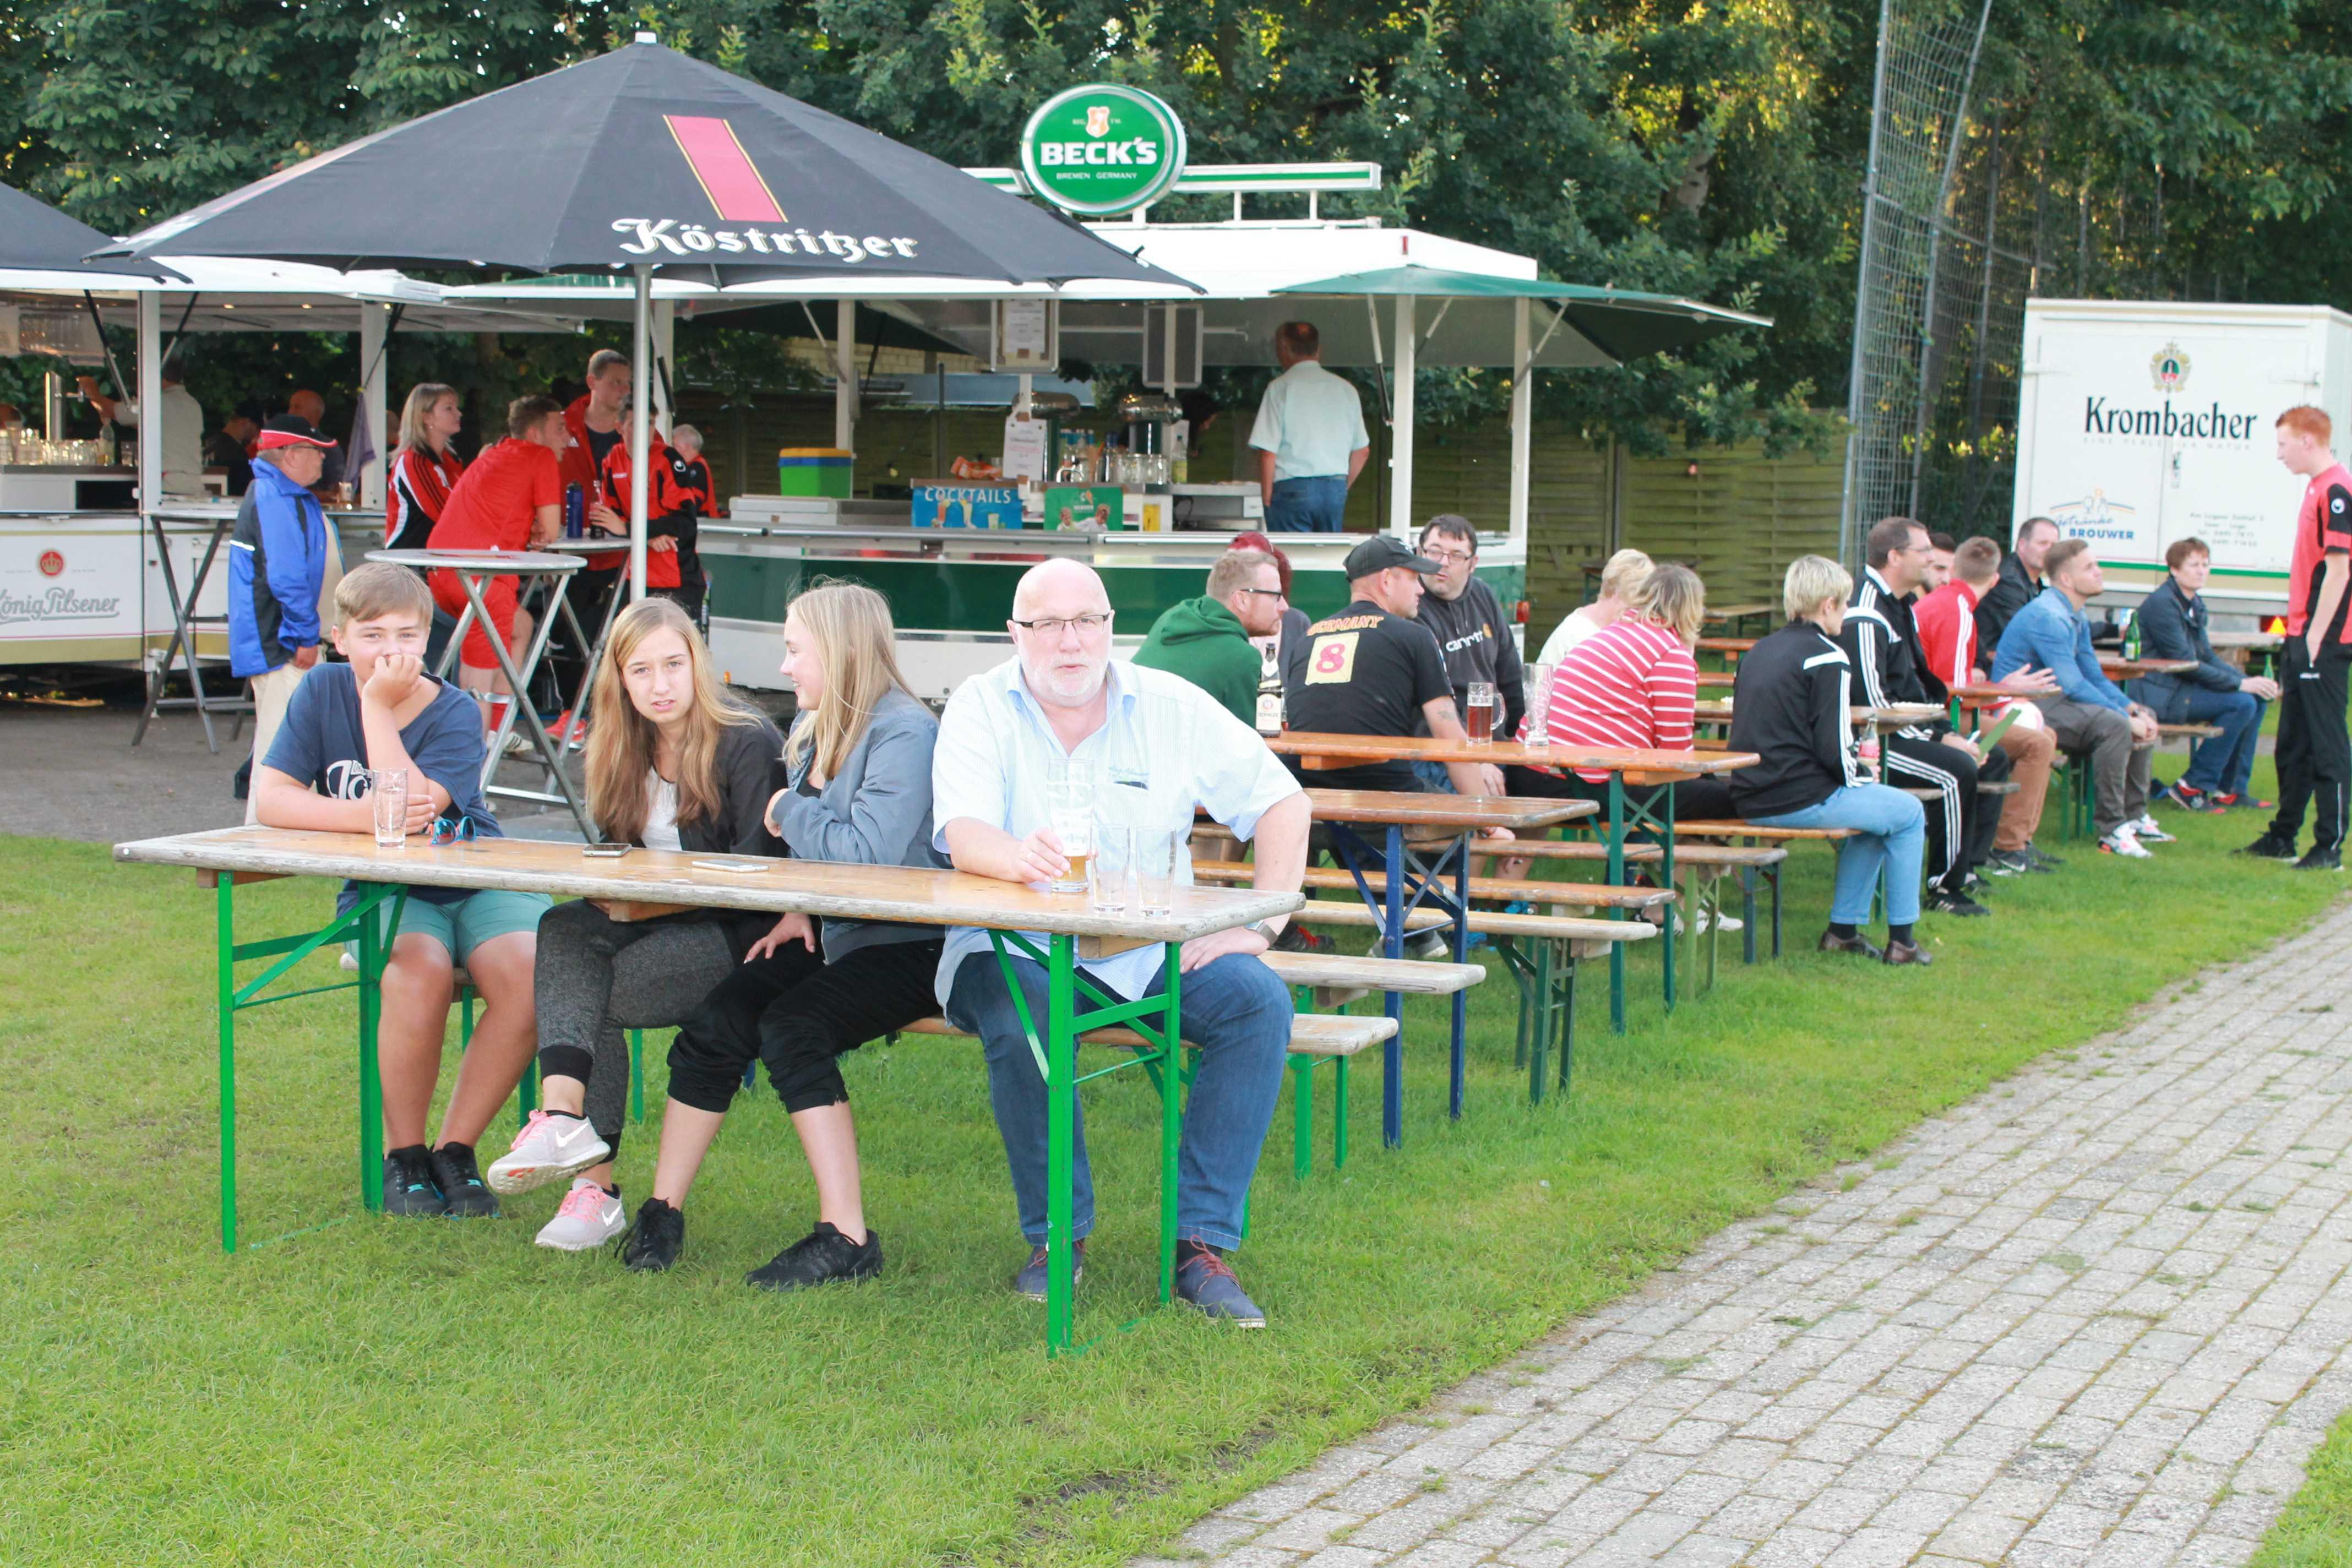 2016-08-03 Sportwoche - zweiter Mittwoch - 1. Herrenturnier (13)